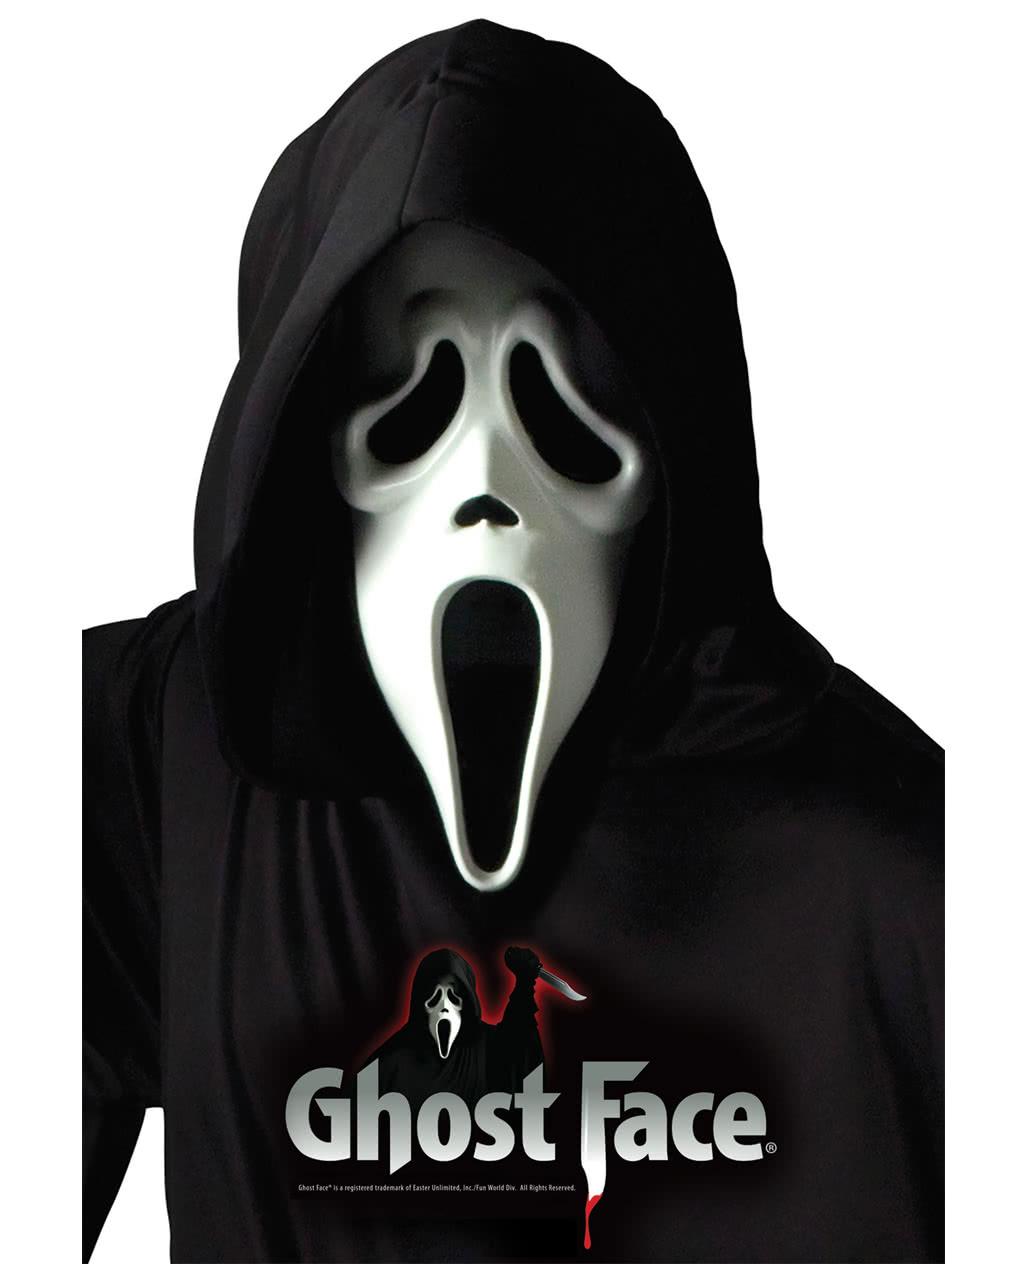 Original Scream Mask | Ghostface mask of Wes Craven | horror-shop.com